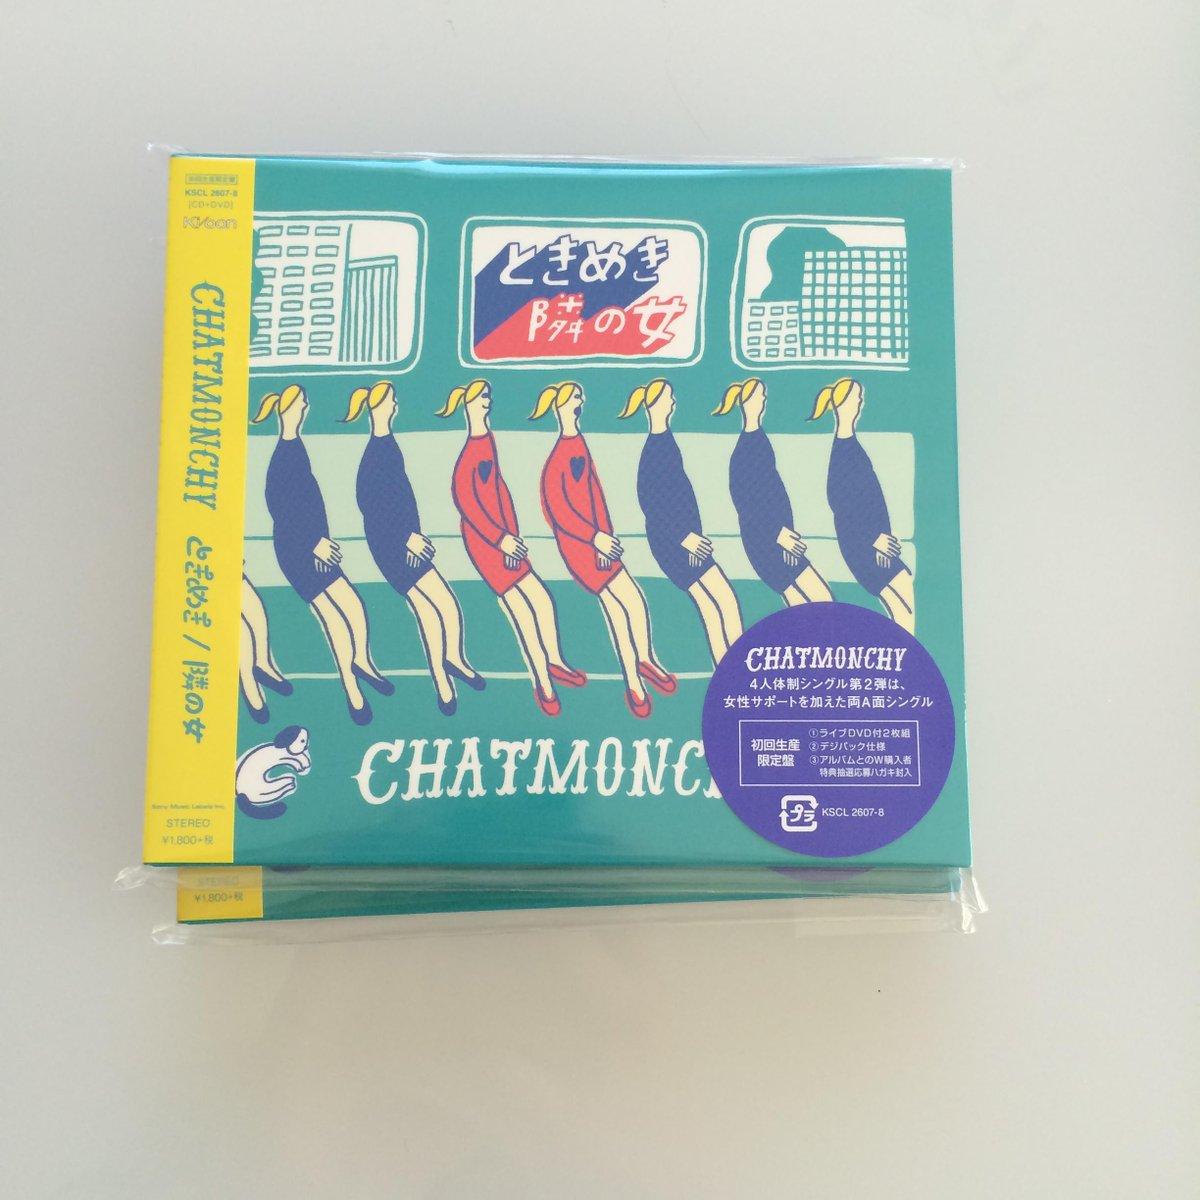 3月4日発売のチャットモンチーのニューシングル『ときめき / 隣の女』。今回も絵描いております〜デザインは高森くん(DKXO)!中面やブックレットにもたくさん描いてます。 初回盤はDVD付きで豪華!曲もジャケットもいい感じ!ぜひ〜 http://t.co/O4NDLqtOkm